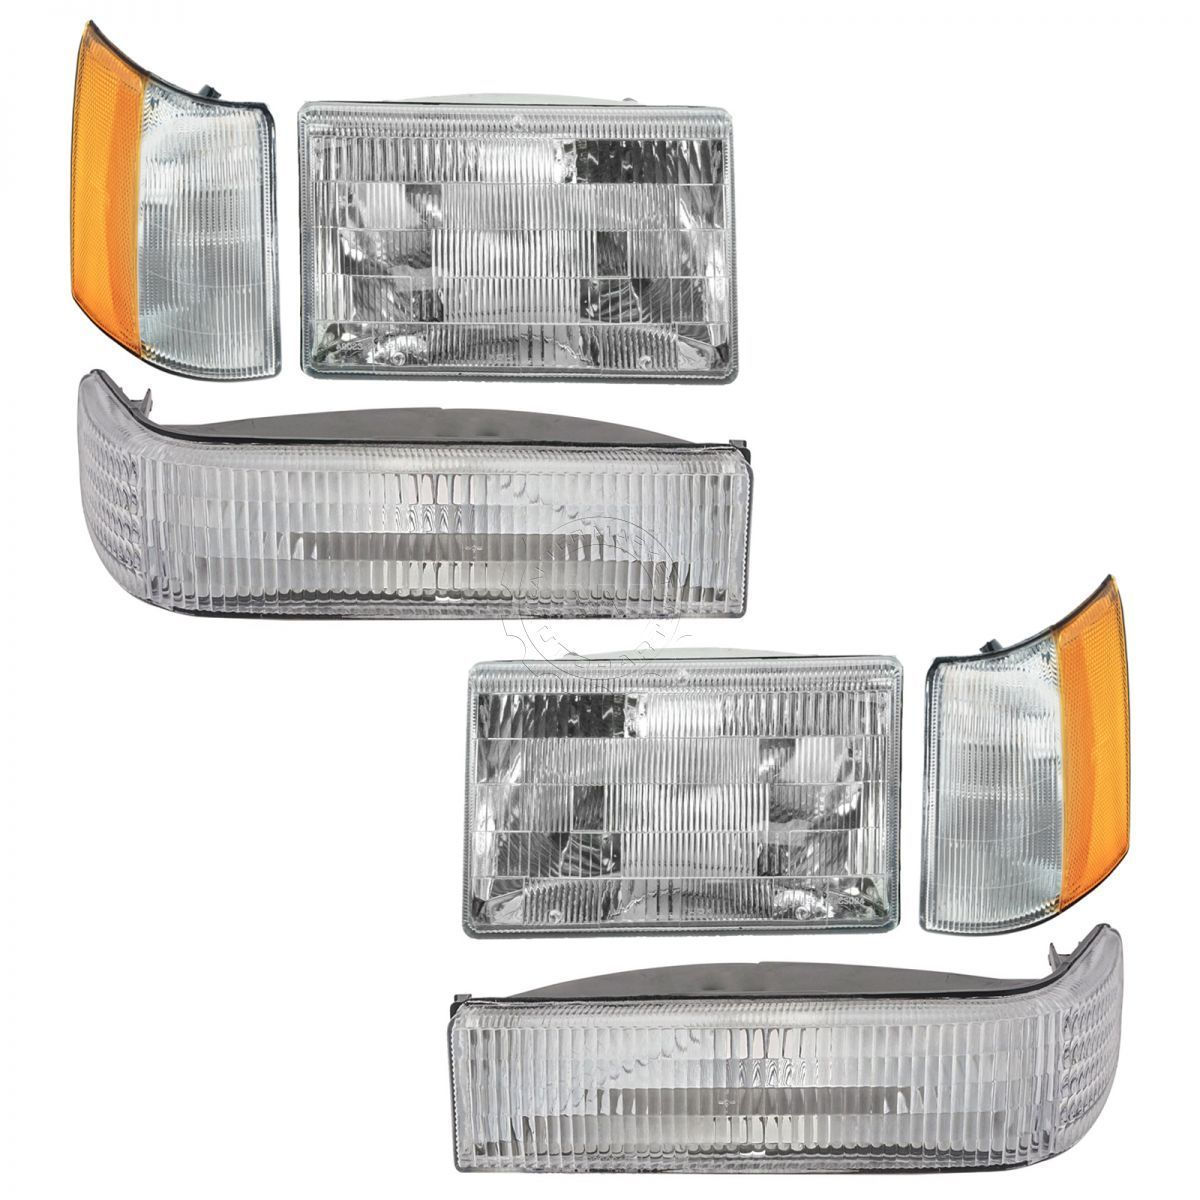 コーナーライト Headlights & Parking Corner Lights Left & Right Kit Set for 97-98 Grand Cherokee ヘッドライト& 駐車コーナーライト左& 97-98グランドチェロキーの右キットセット